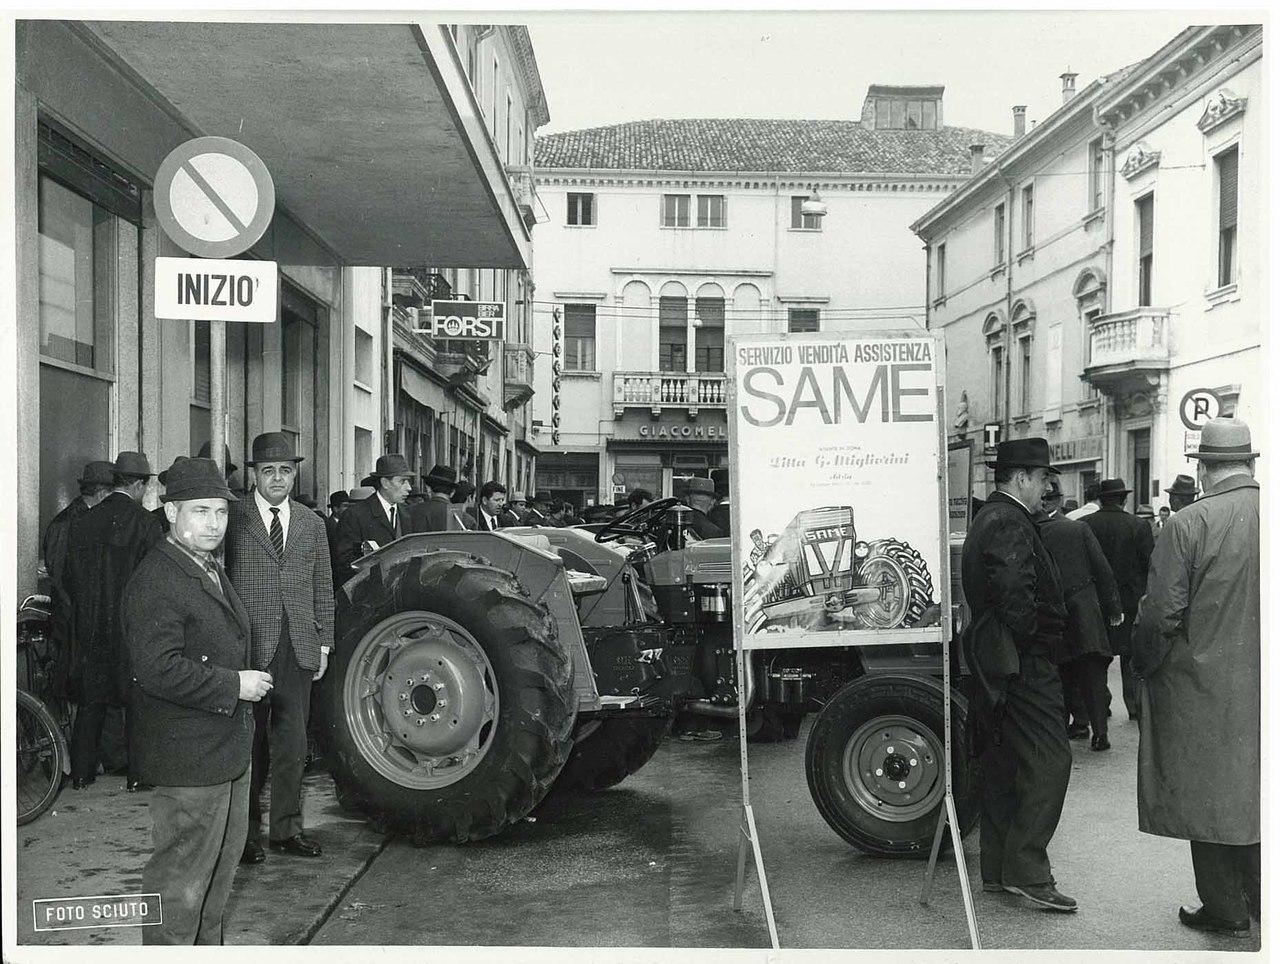 Lancio del trattore SAME Leone 70 ad Adria